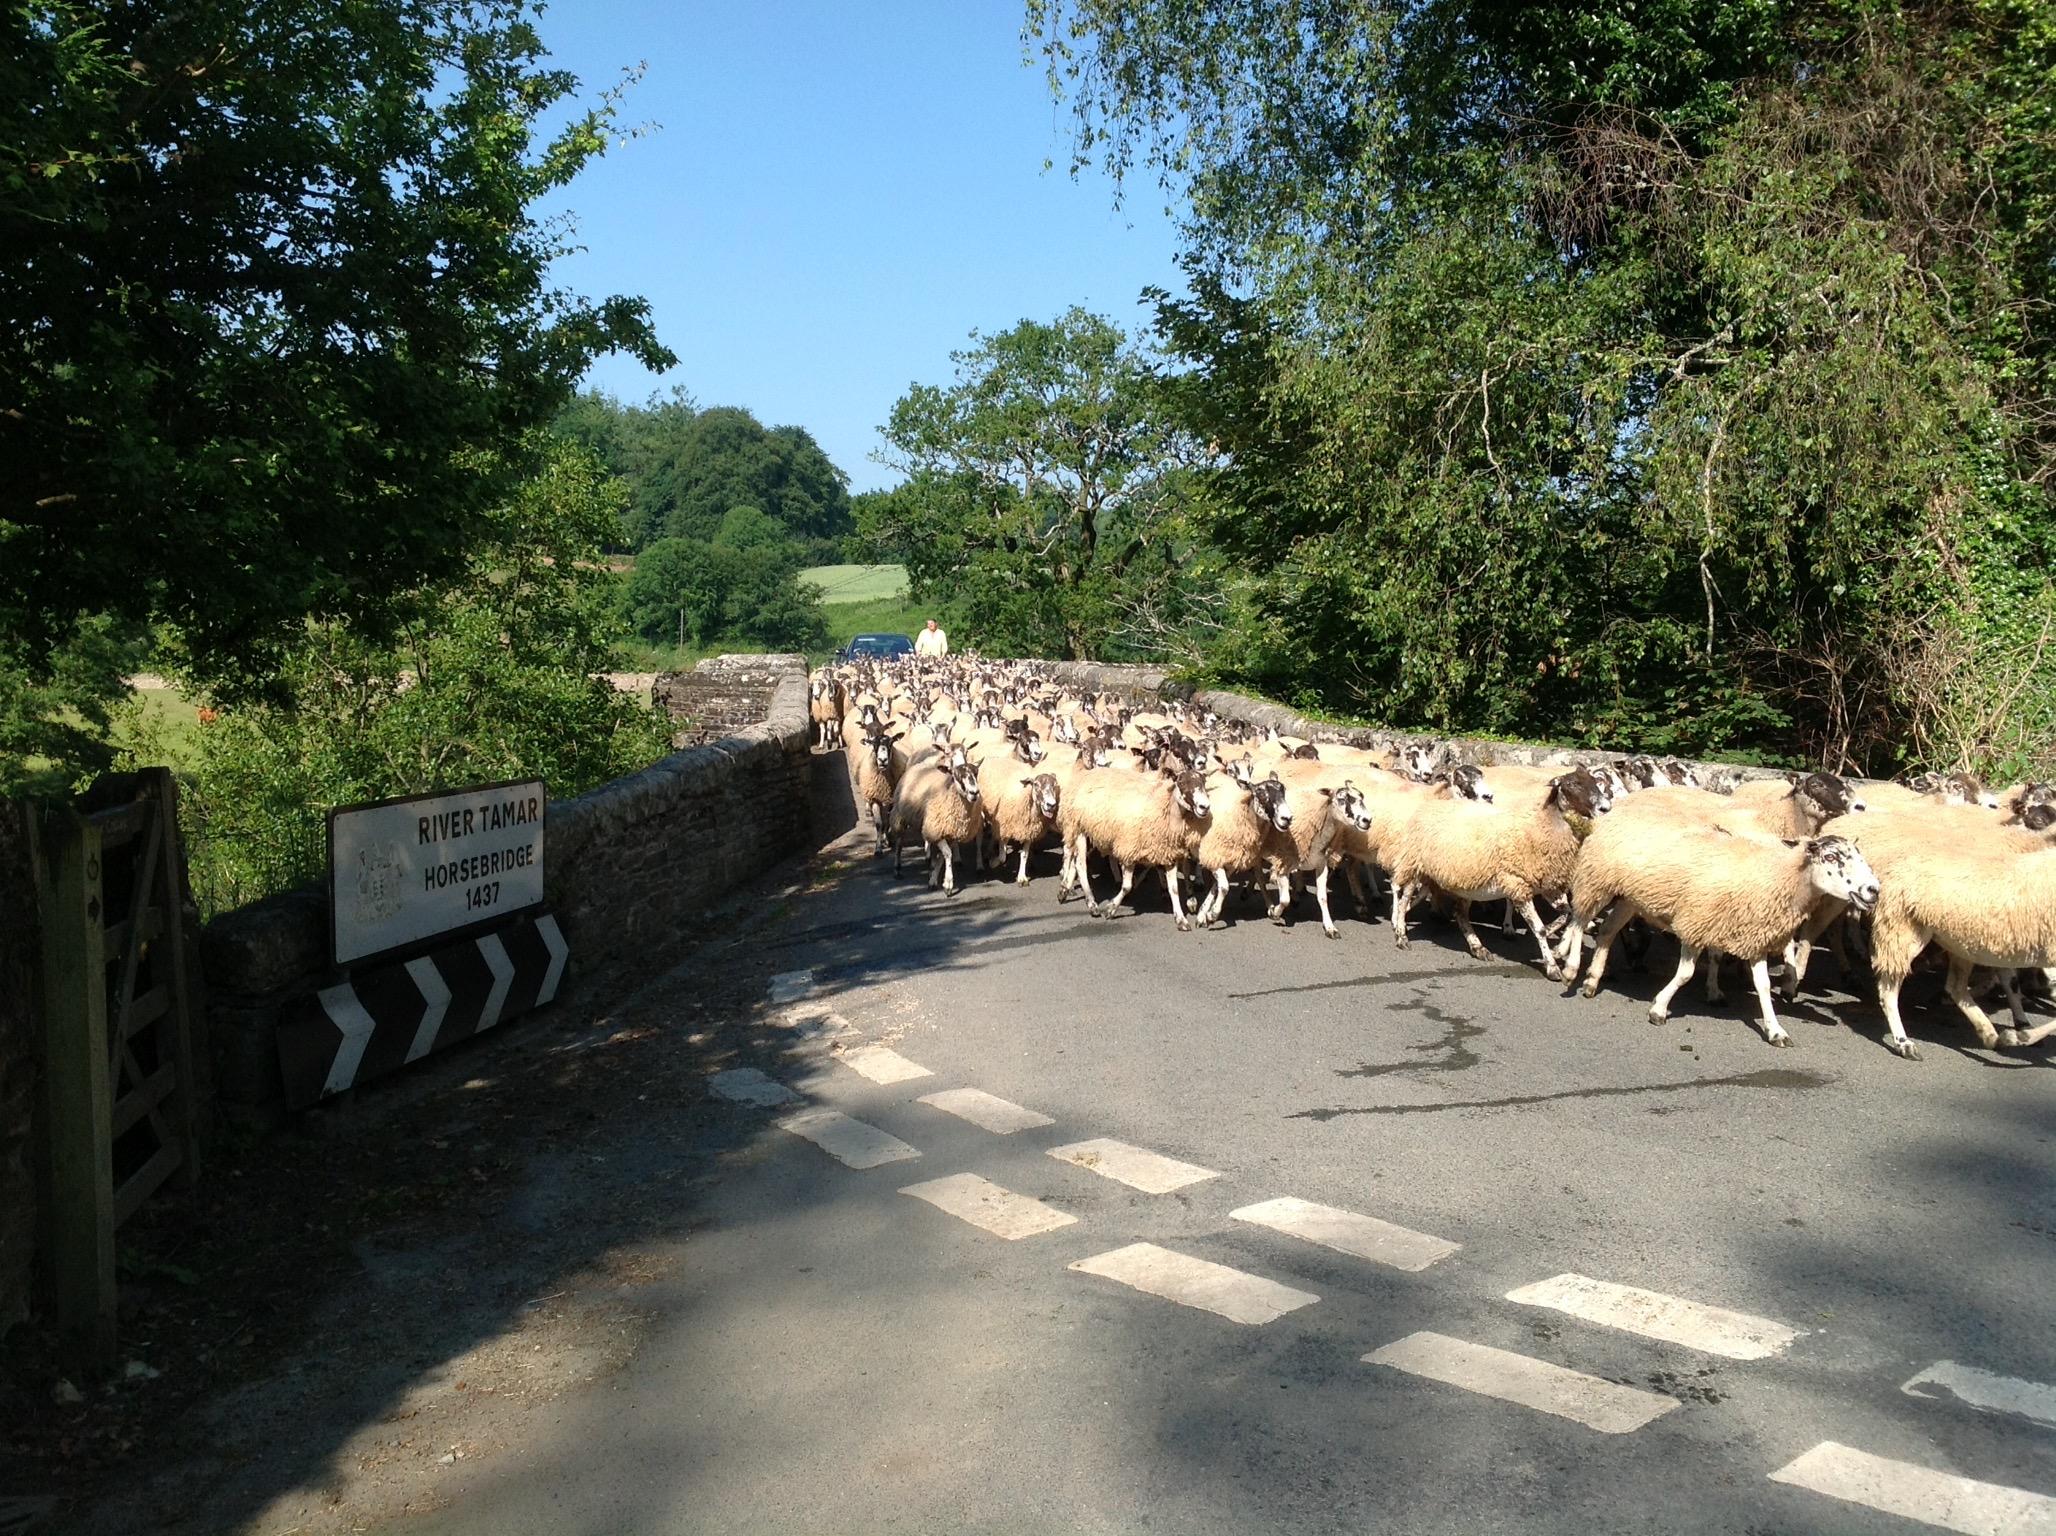 Rush hour on Horsebridge